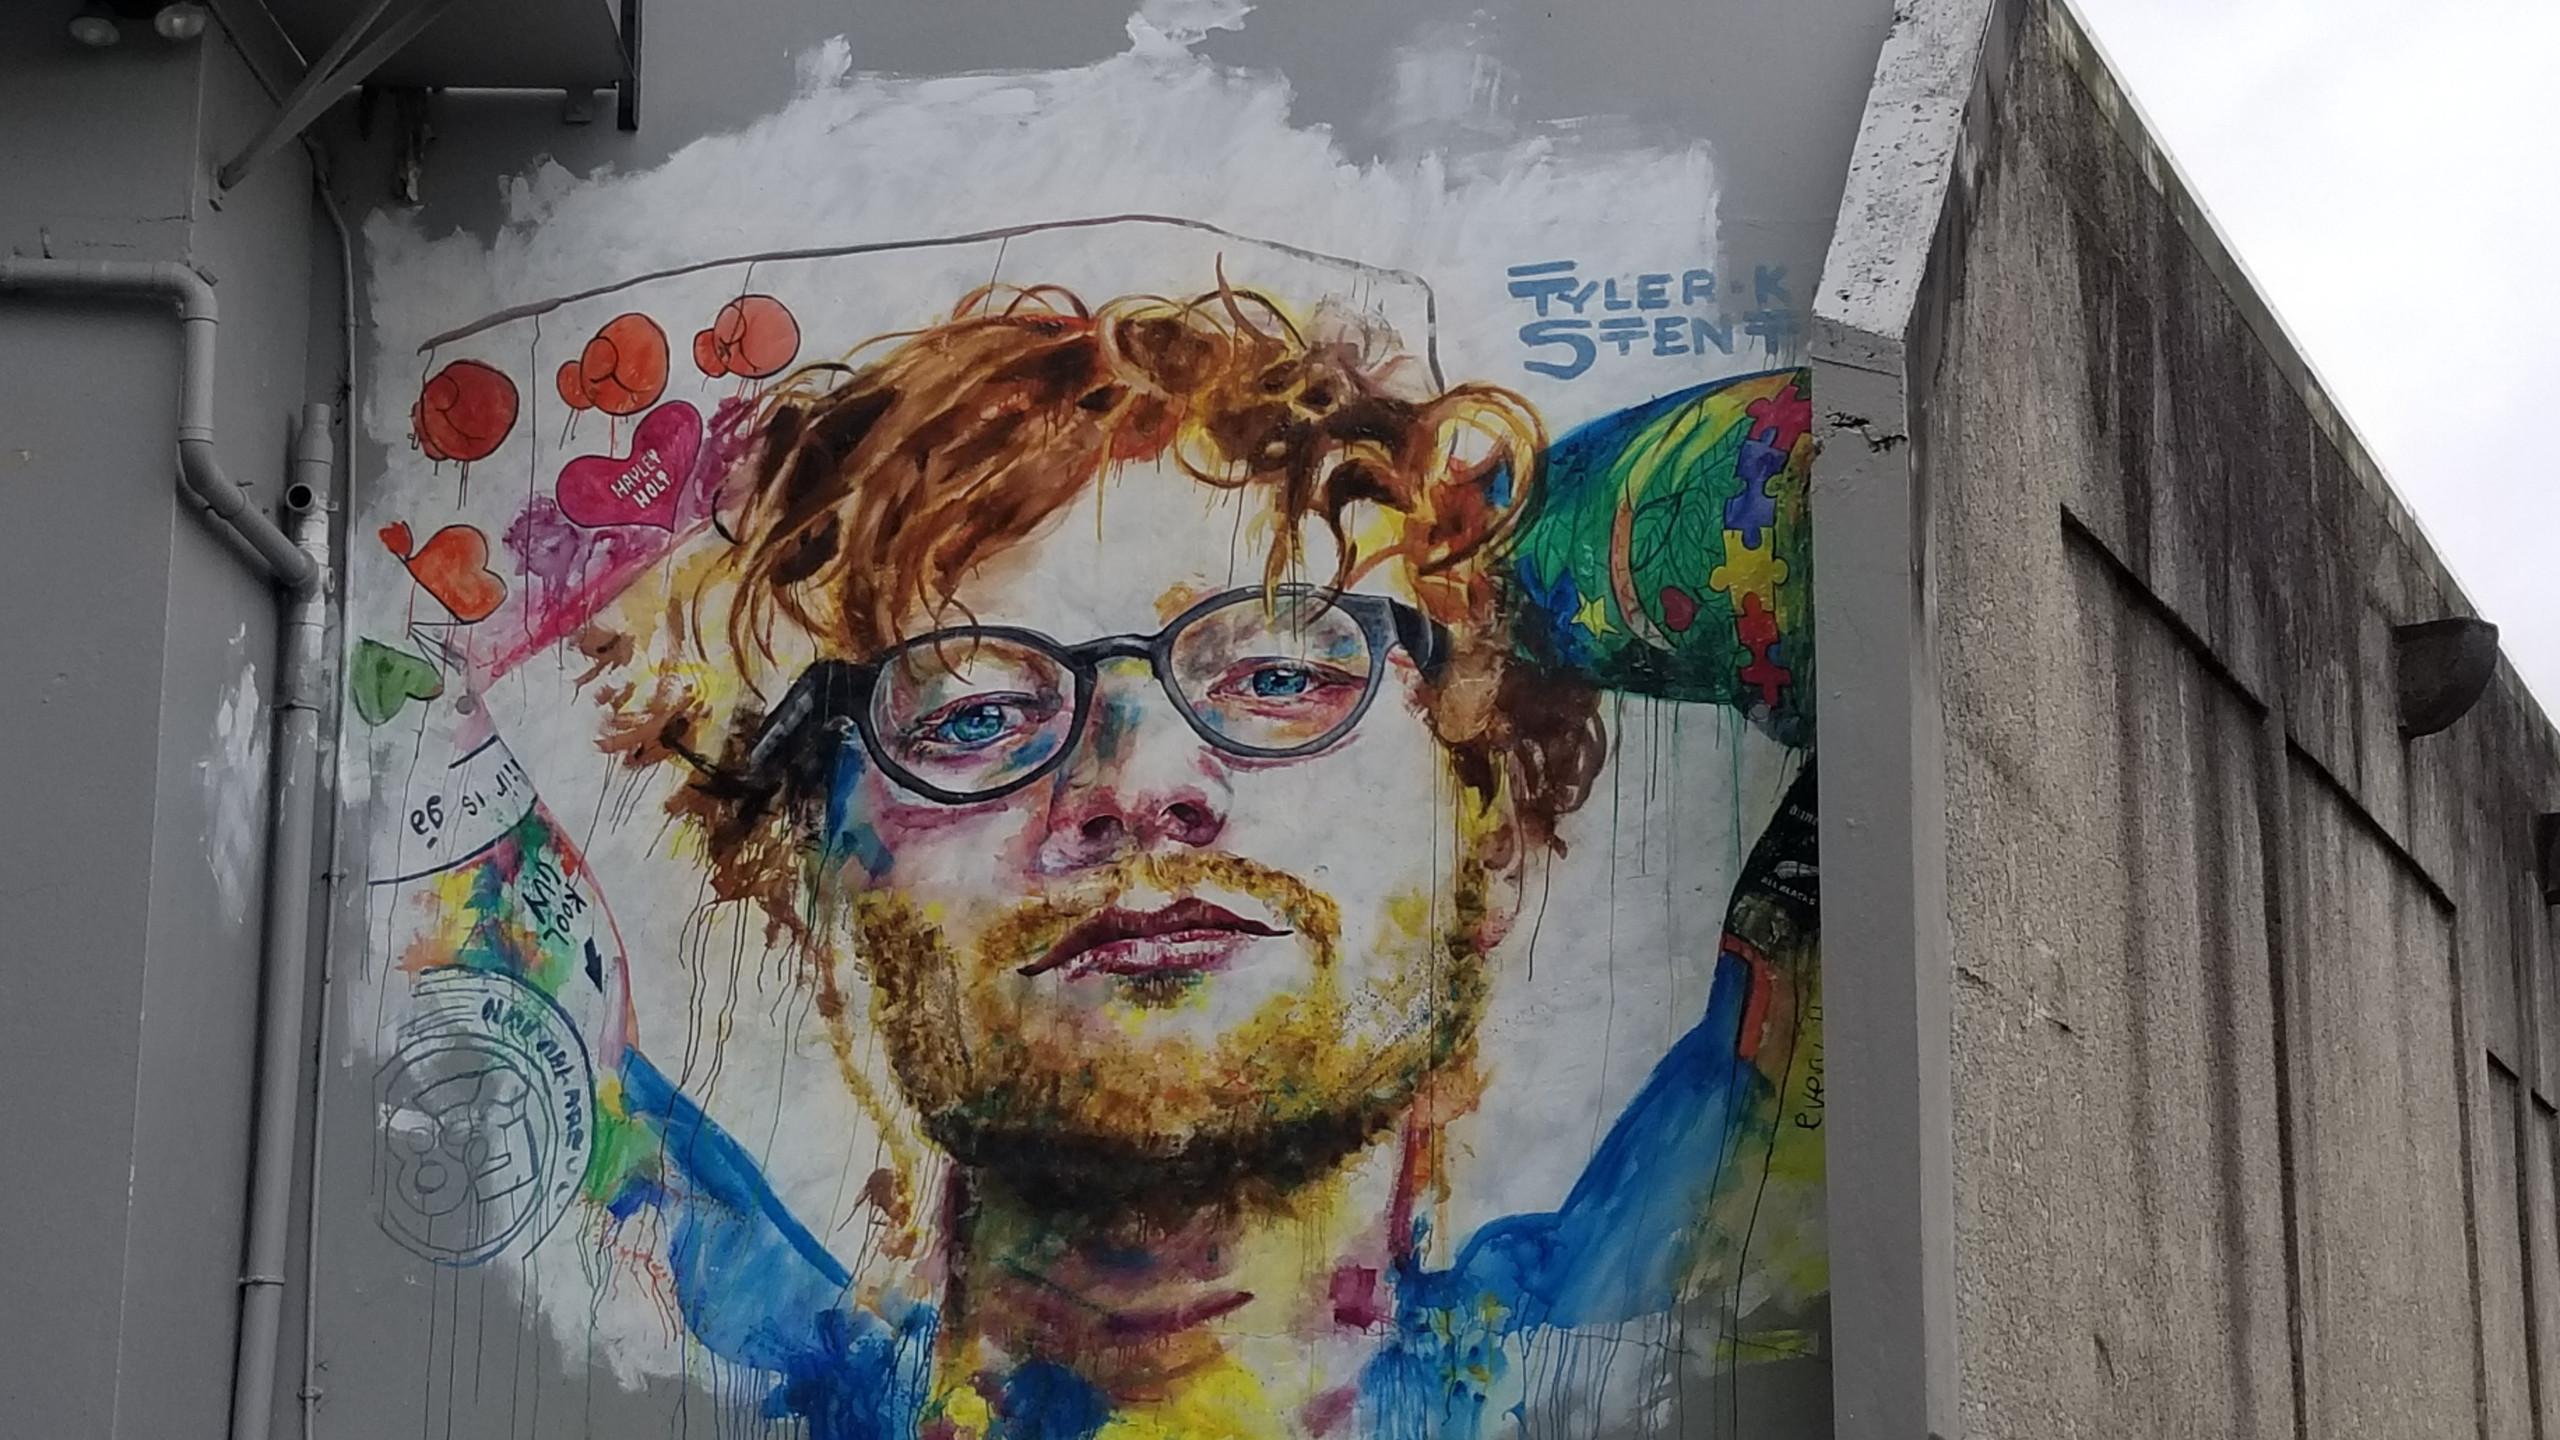 Граффити, Данидин, Новая Зеландия